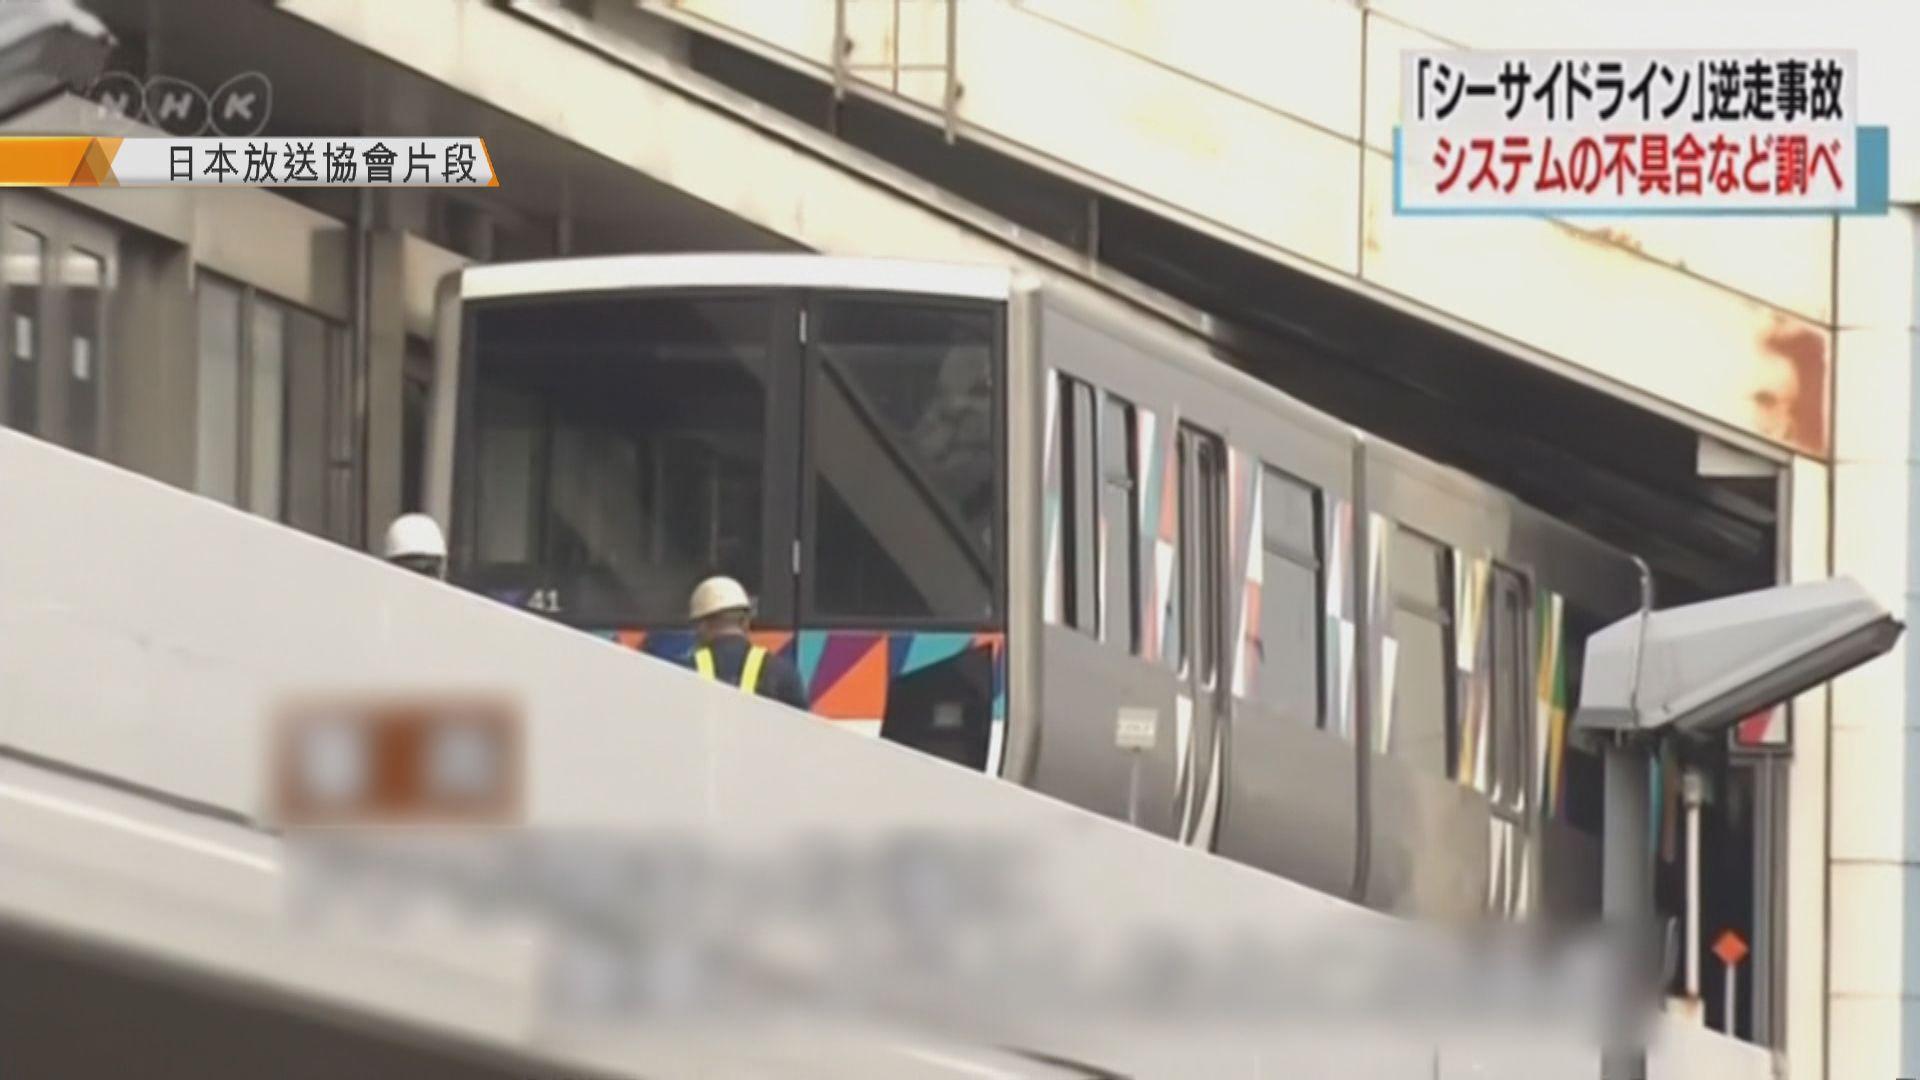 日本繼續調查橫濱列車逆向行駛事件